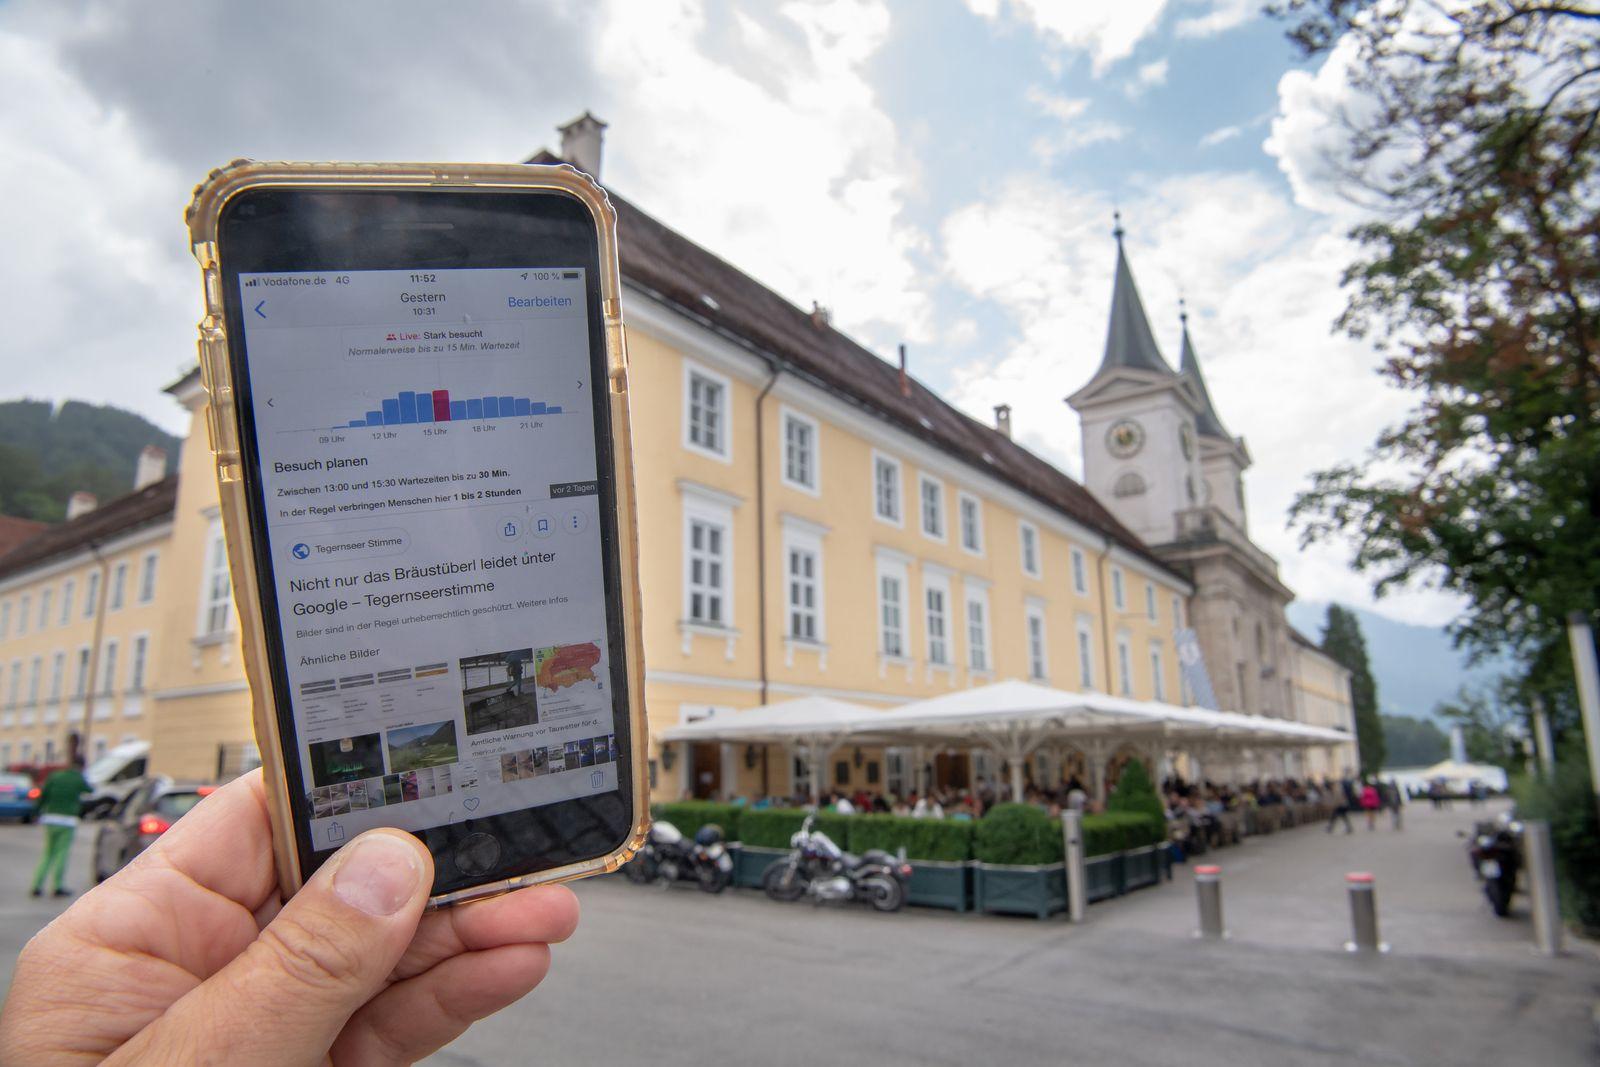 Bräustüberl gegen Google: Sitzplatzstreit am Tegernsee